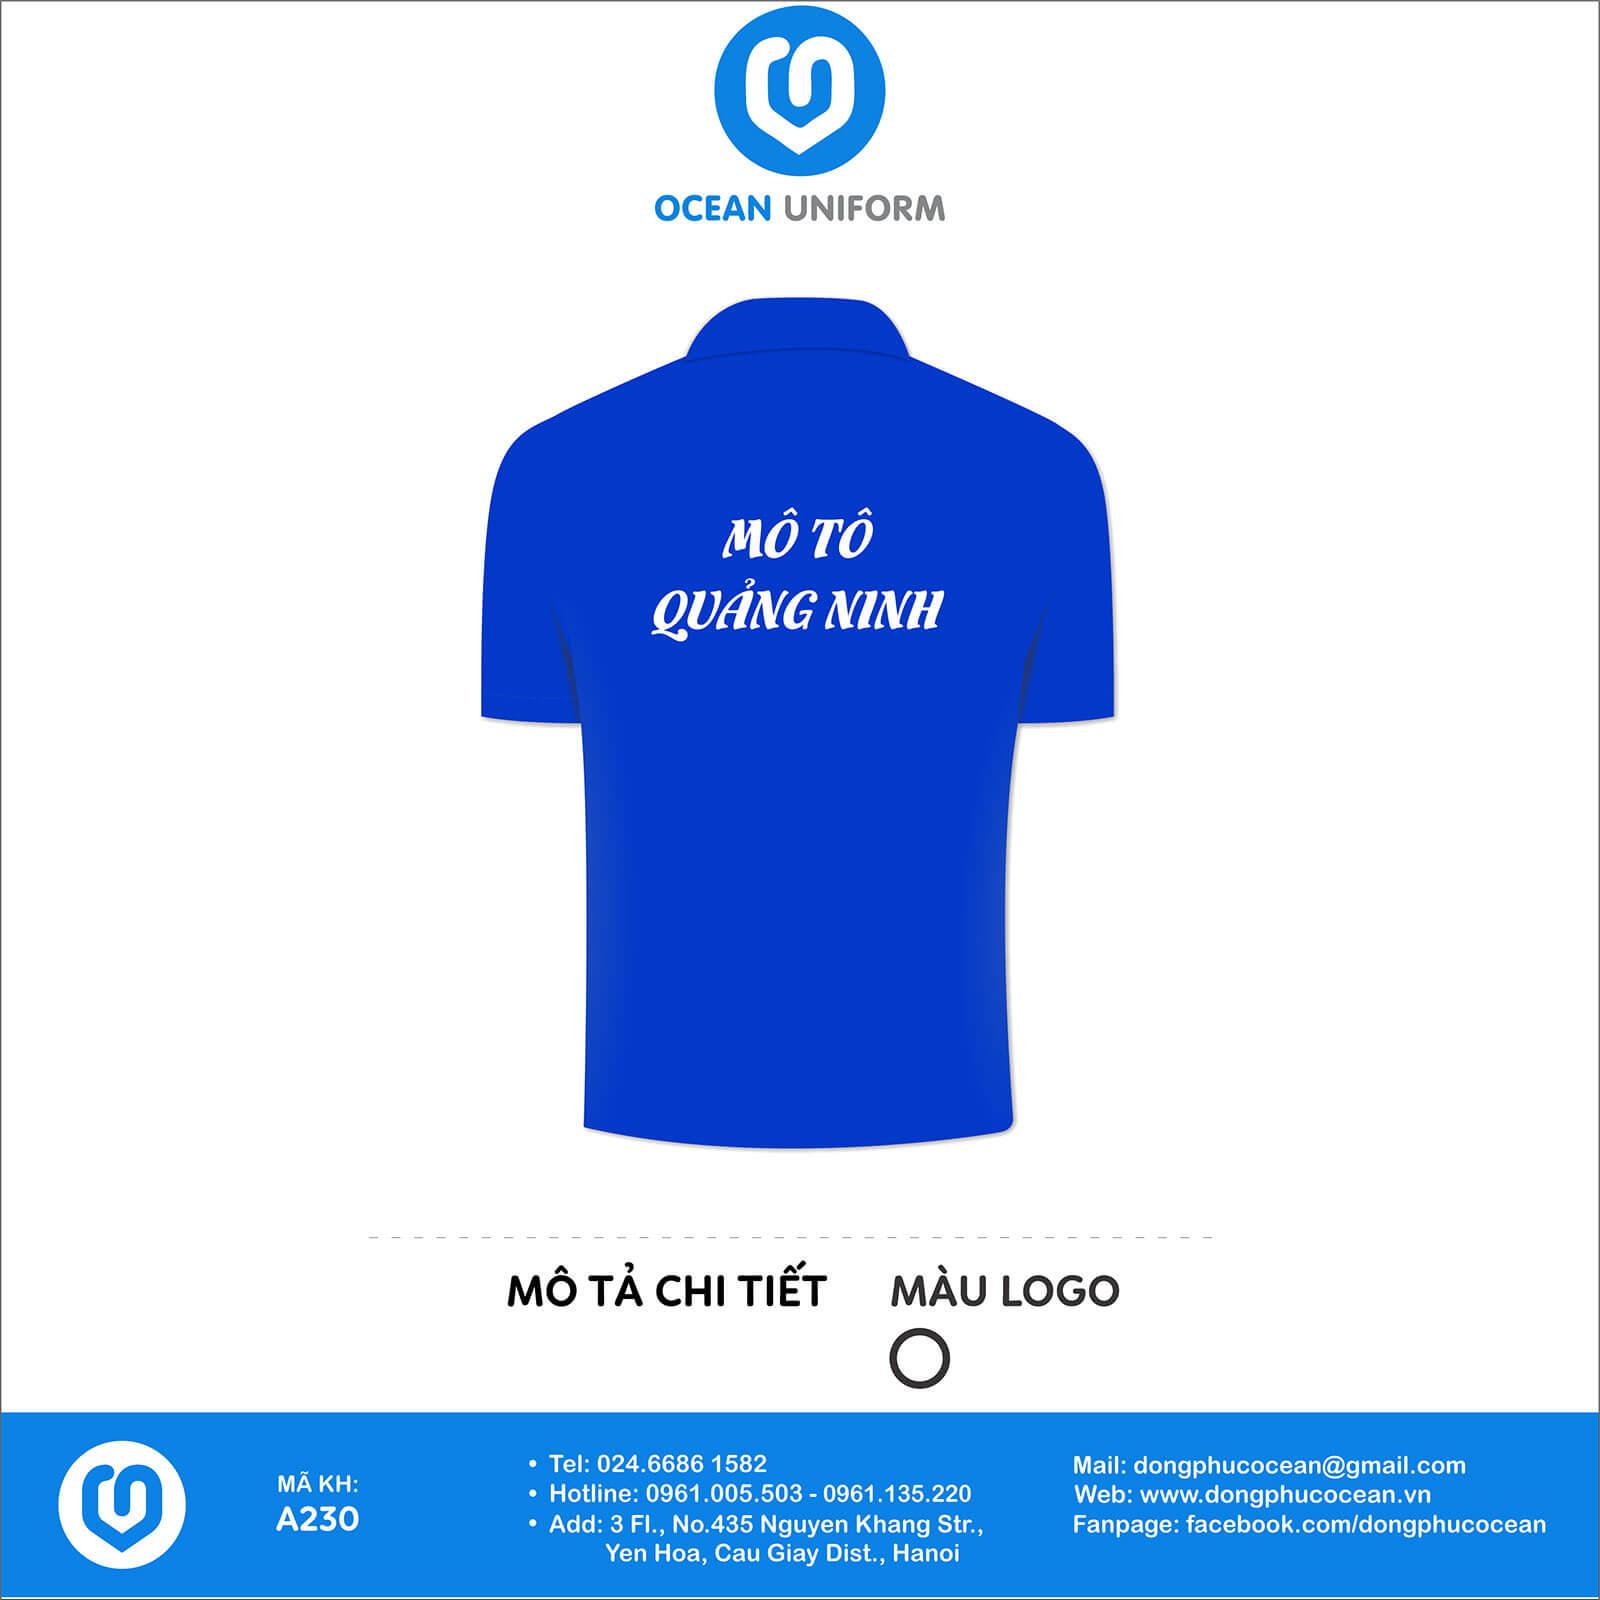 Đồng phục câu lạc bộ Mô Tô Quảng Ninh mặt sau